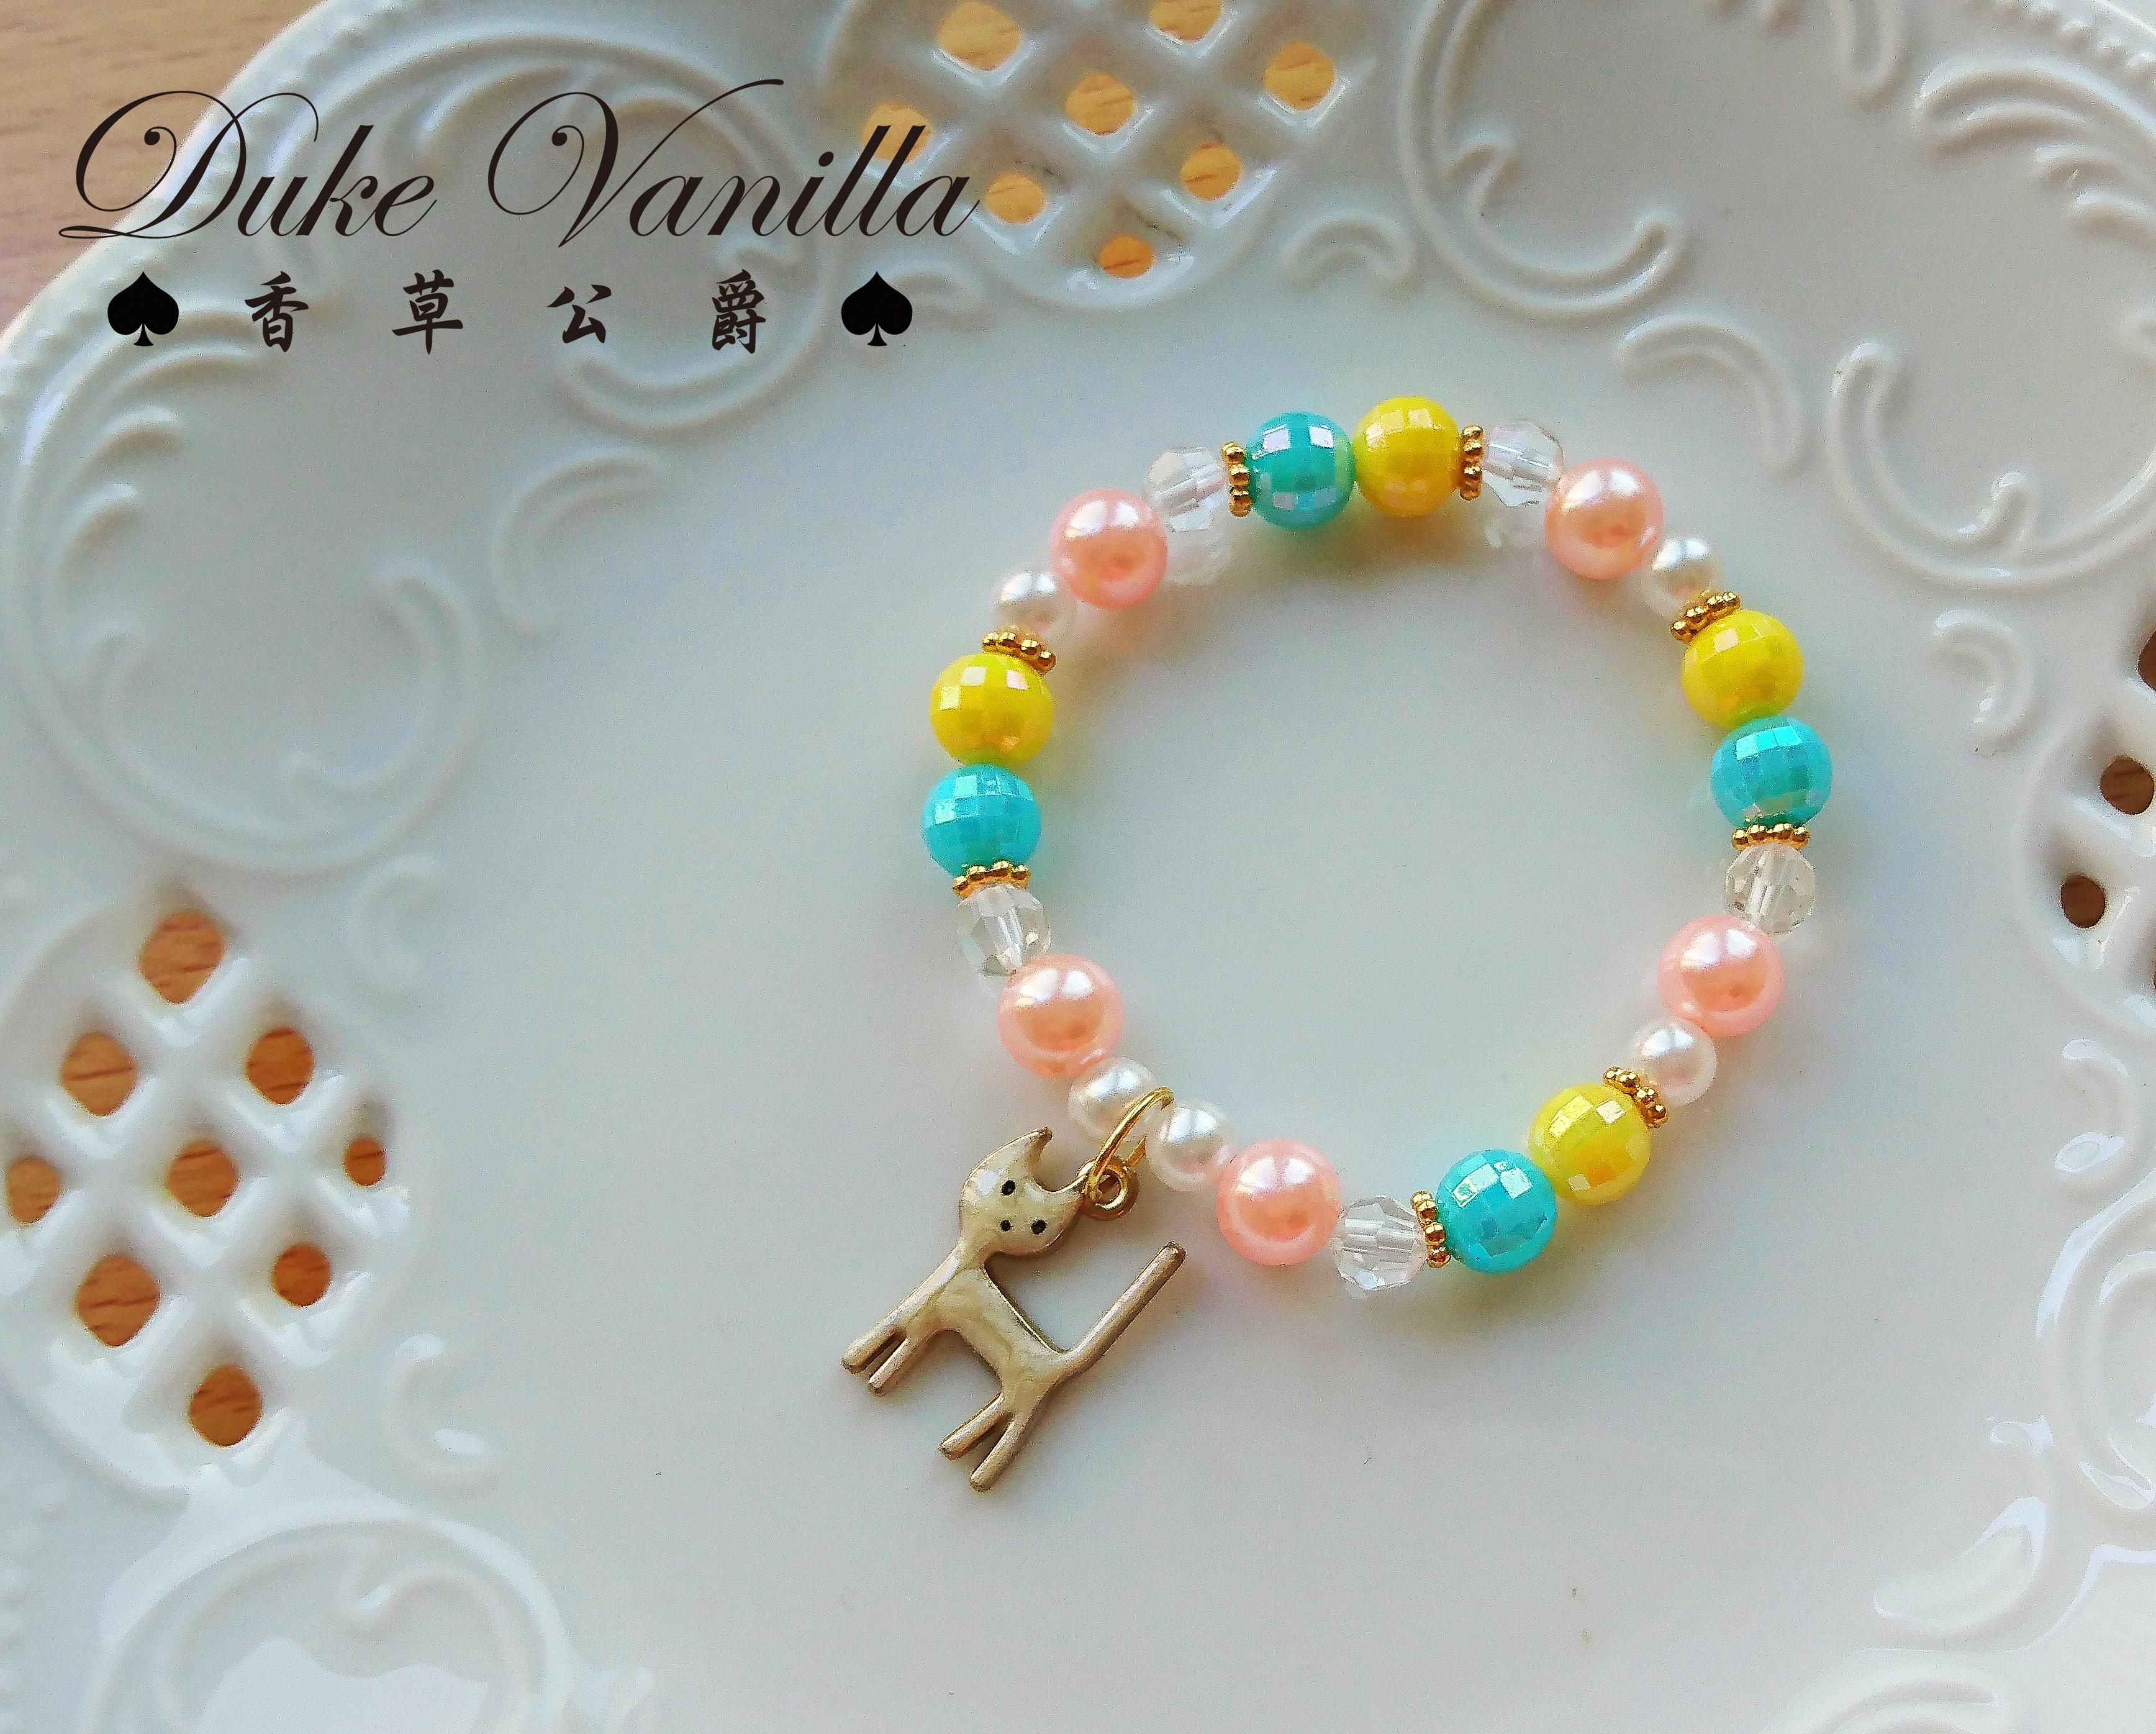 我們的暗號*華麗彩珠手環  小白貓吊飾 - Duke Vanilla 香草公爵